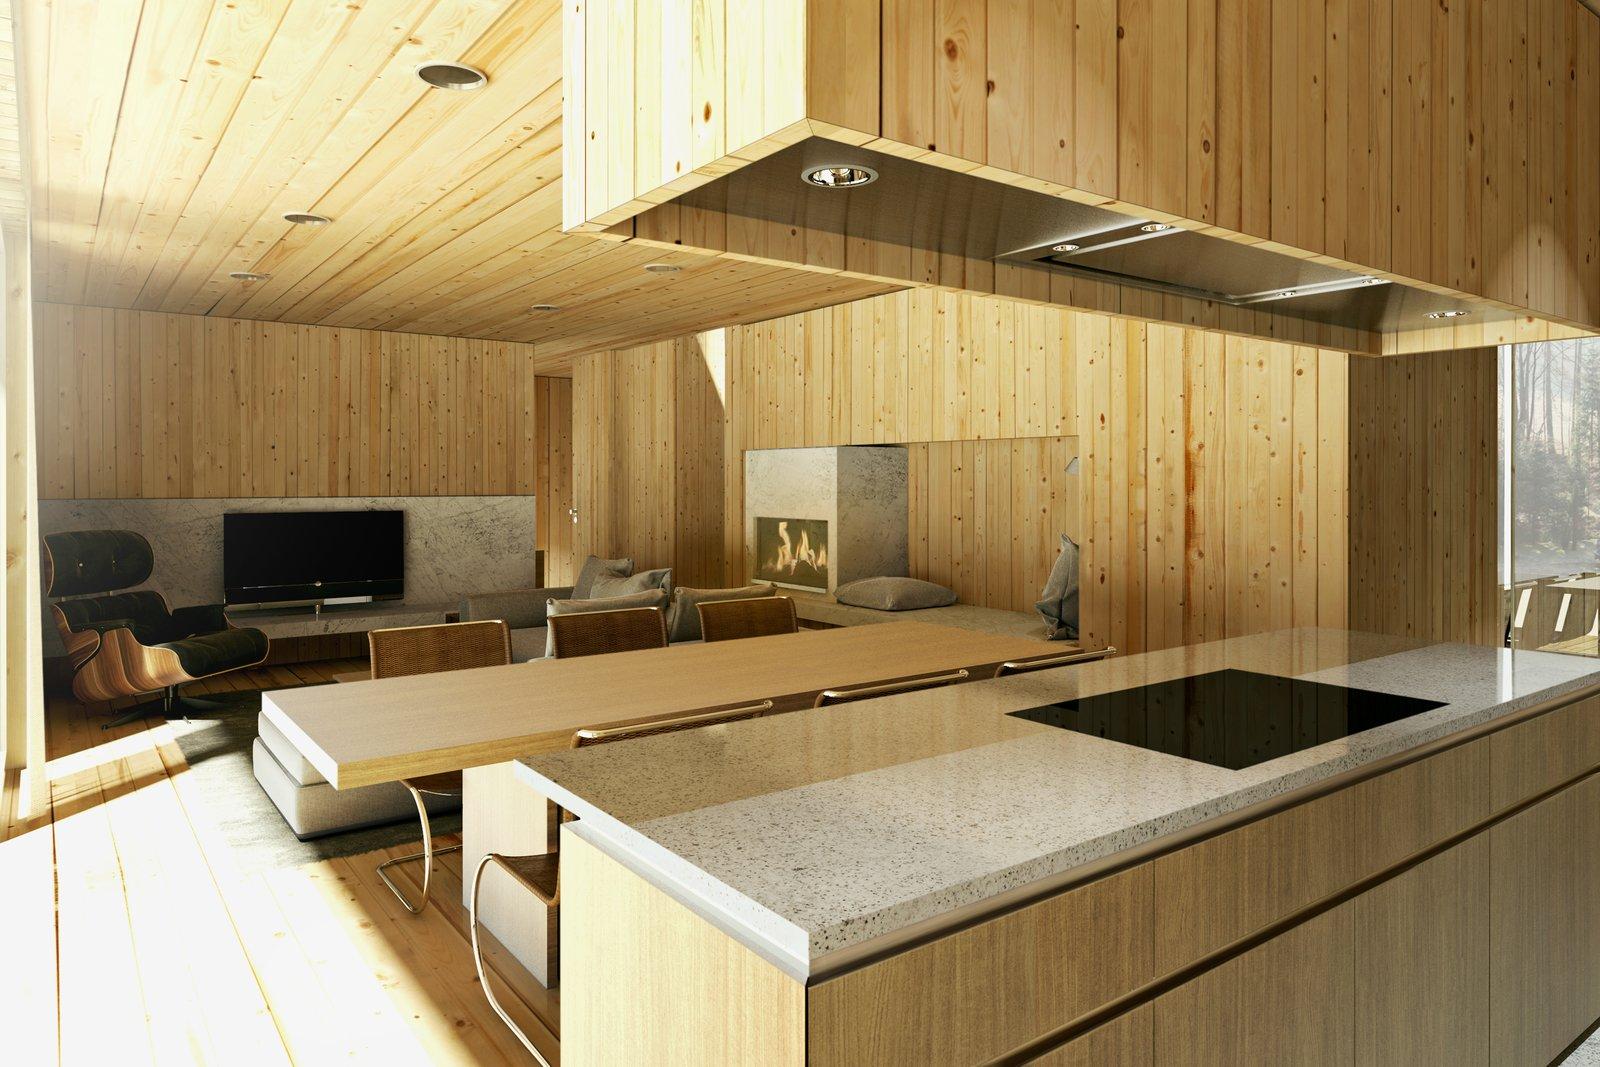 Mountain hut kitchen